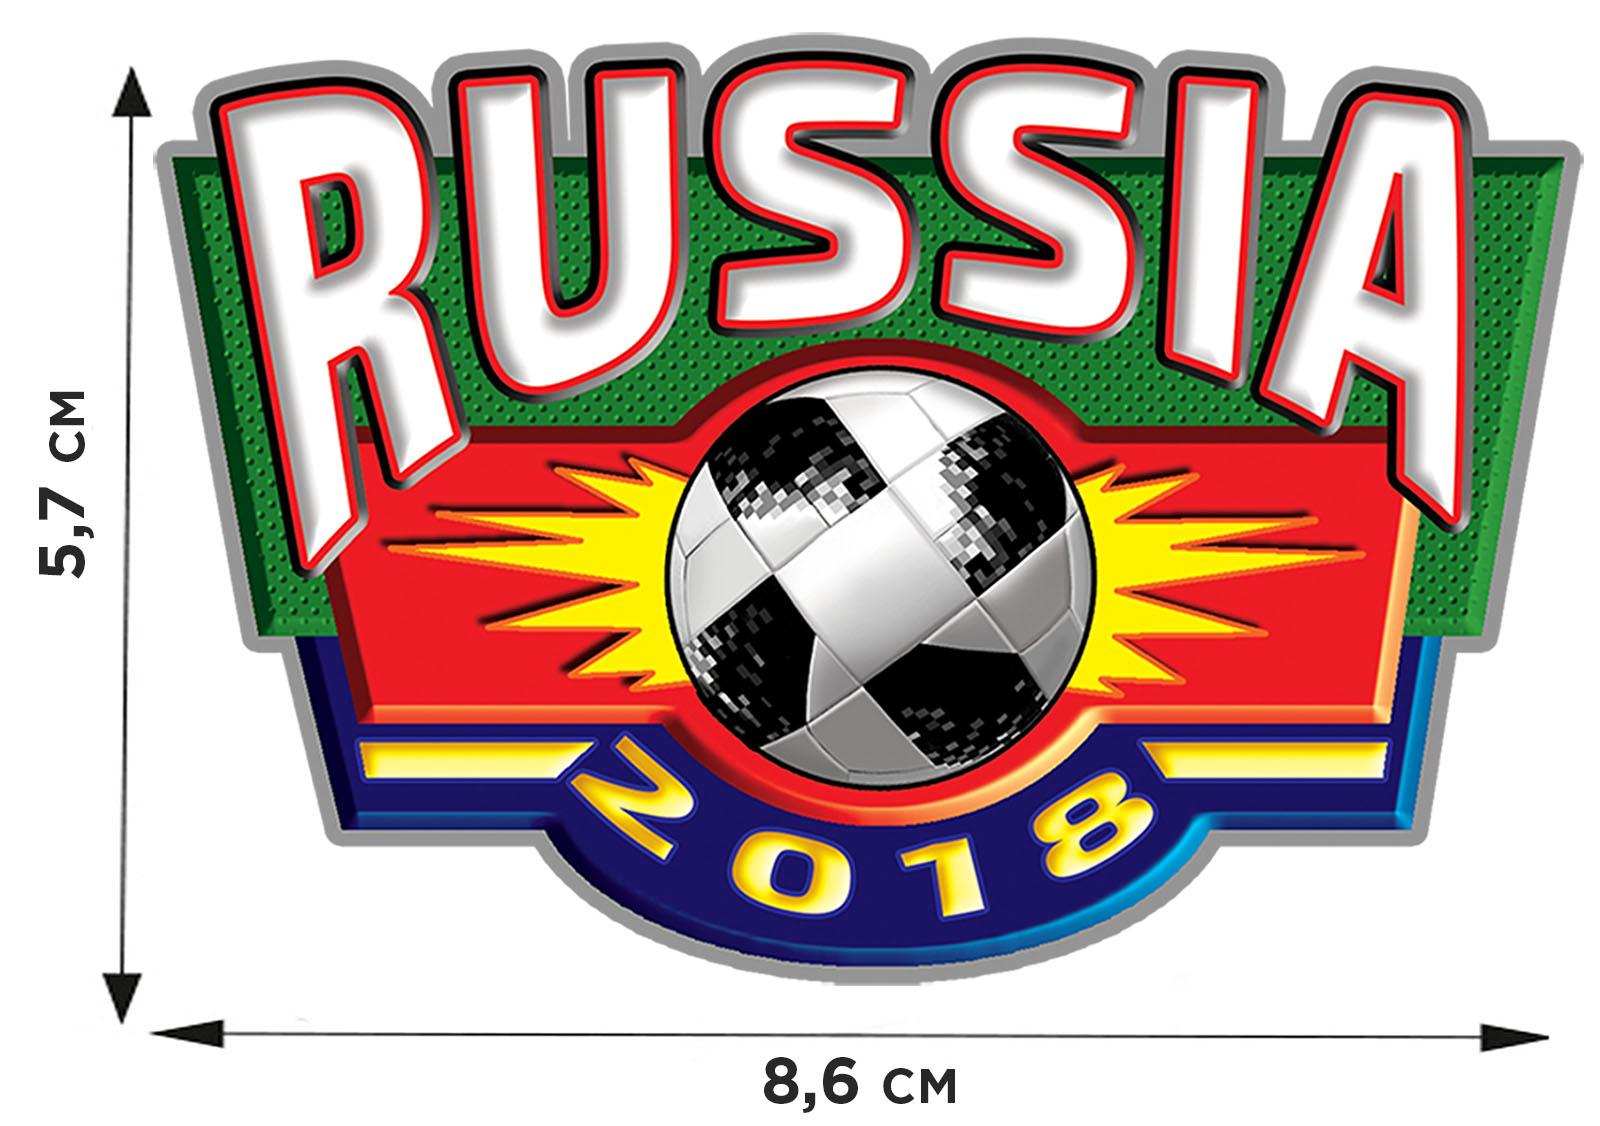 Заказать фанатскую картинку для сублимации Russia по сниженной цене